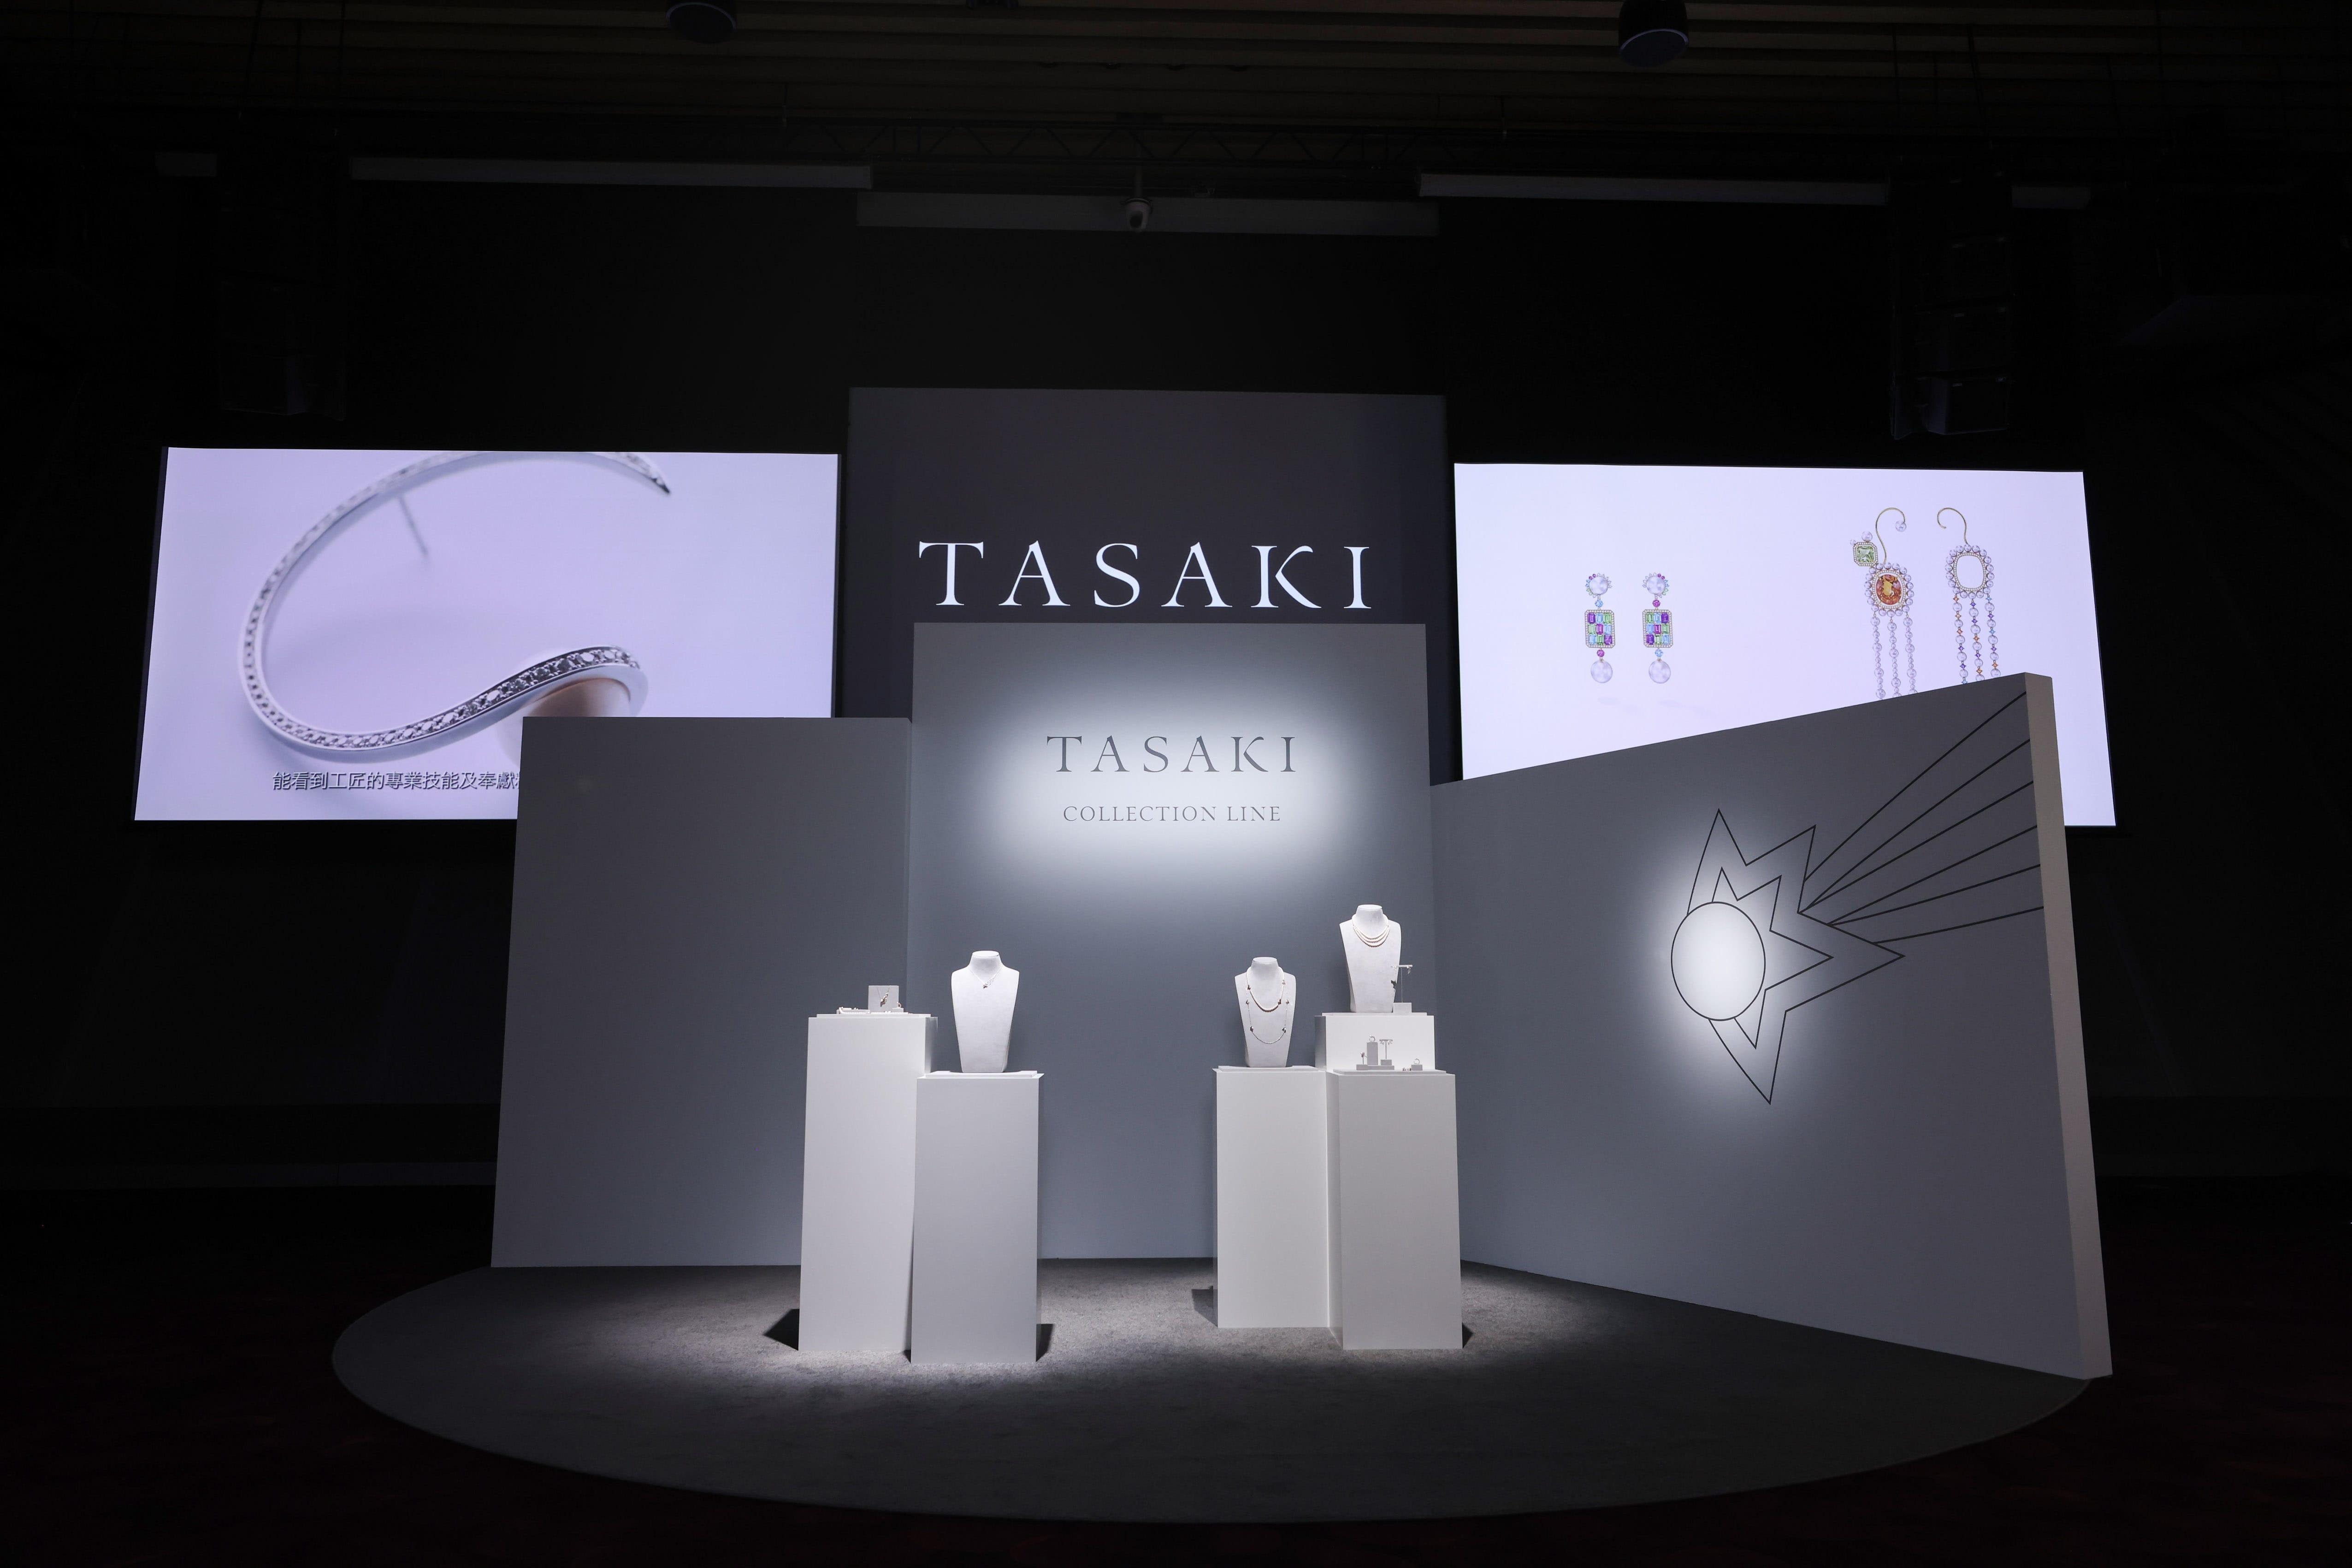 日本珠寶品牌TASAKI 首次於台北舉辦高級珠寶展 女神楊謹華佩戴頂級珠寶